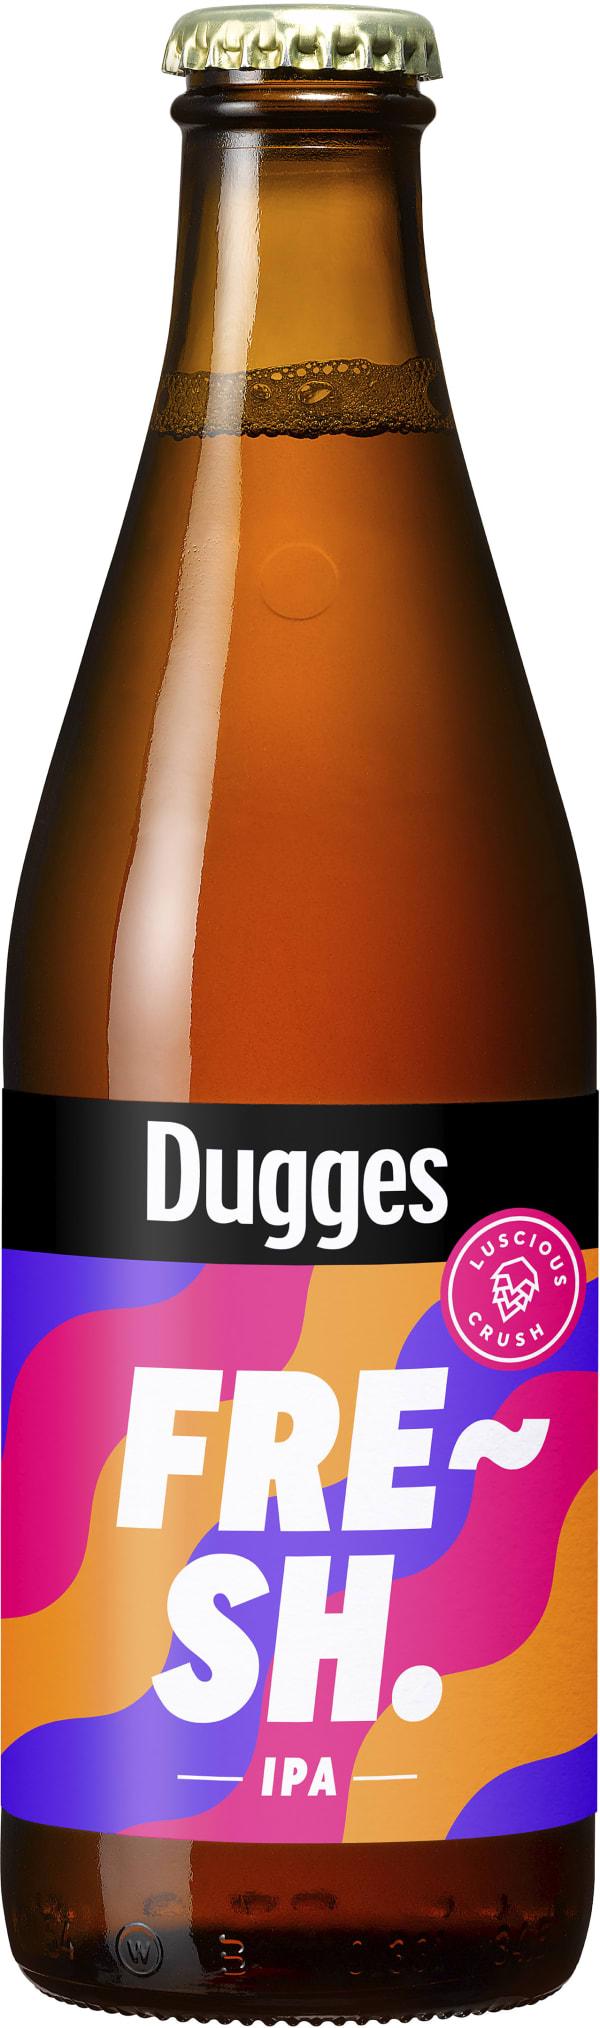 Dugges Fresh IPA